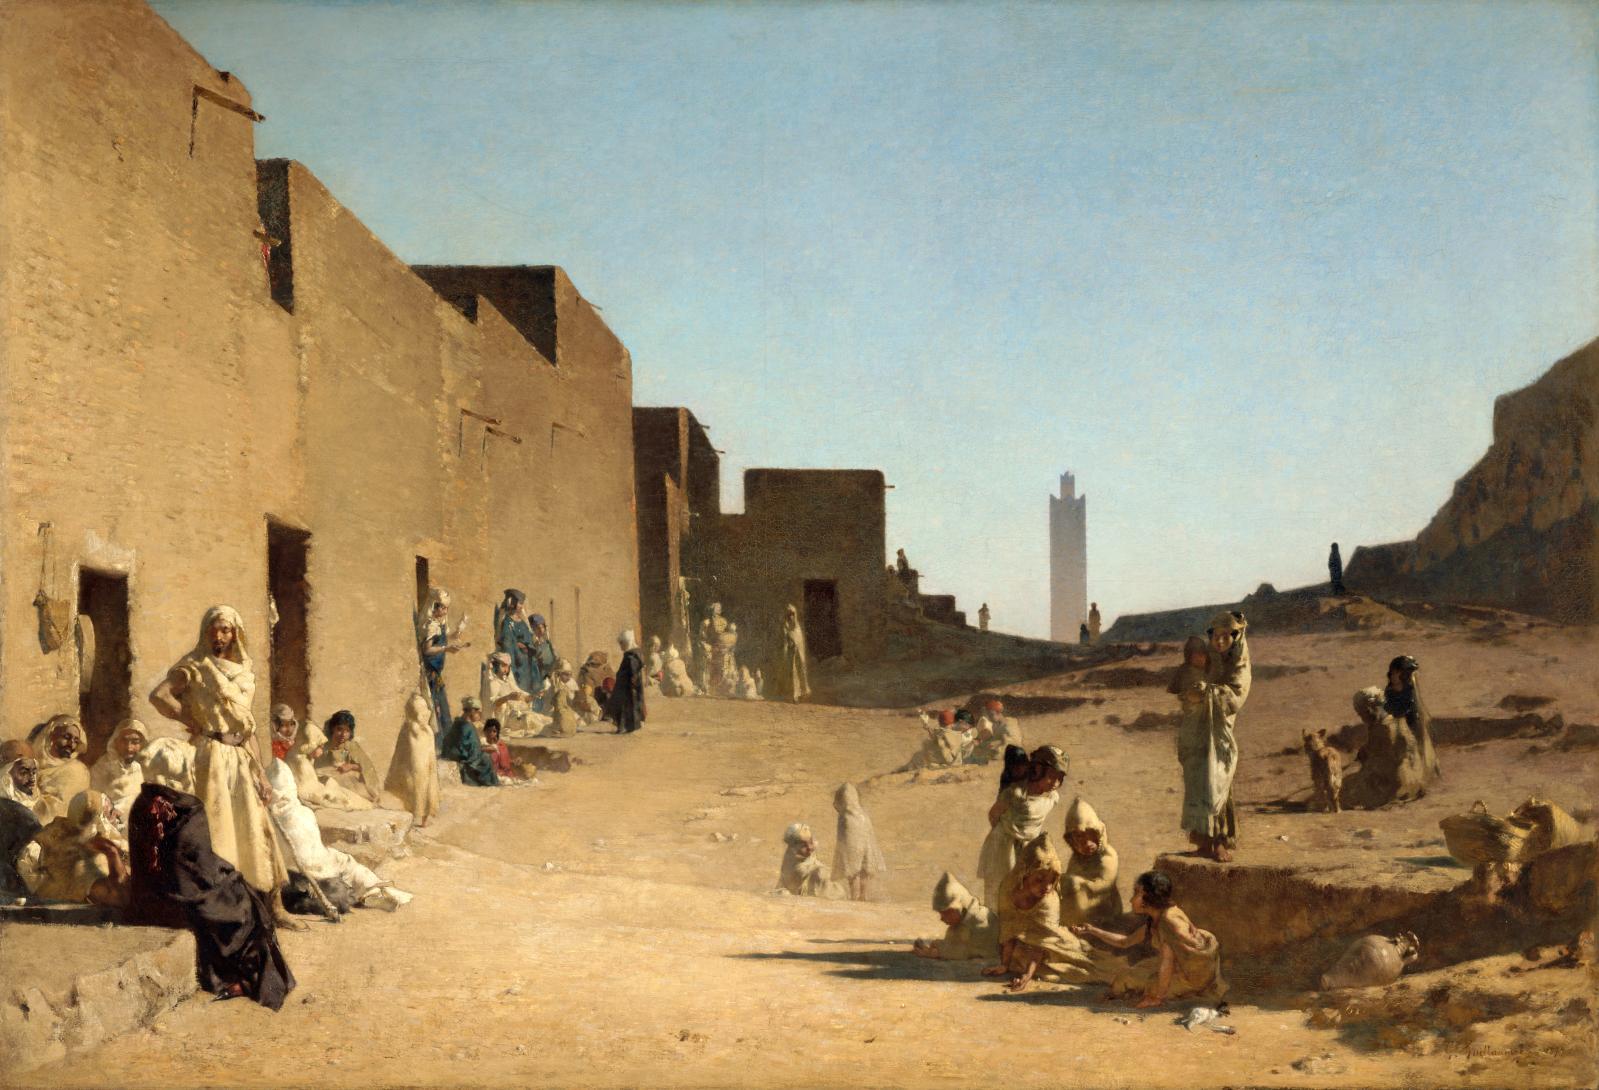 Gustave Guillaumet(1840-1887), Laghouat, Sahara algérien, 1879, huile sur toile, 123x180cm, musée d'Orsay.